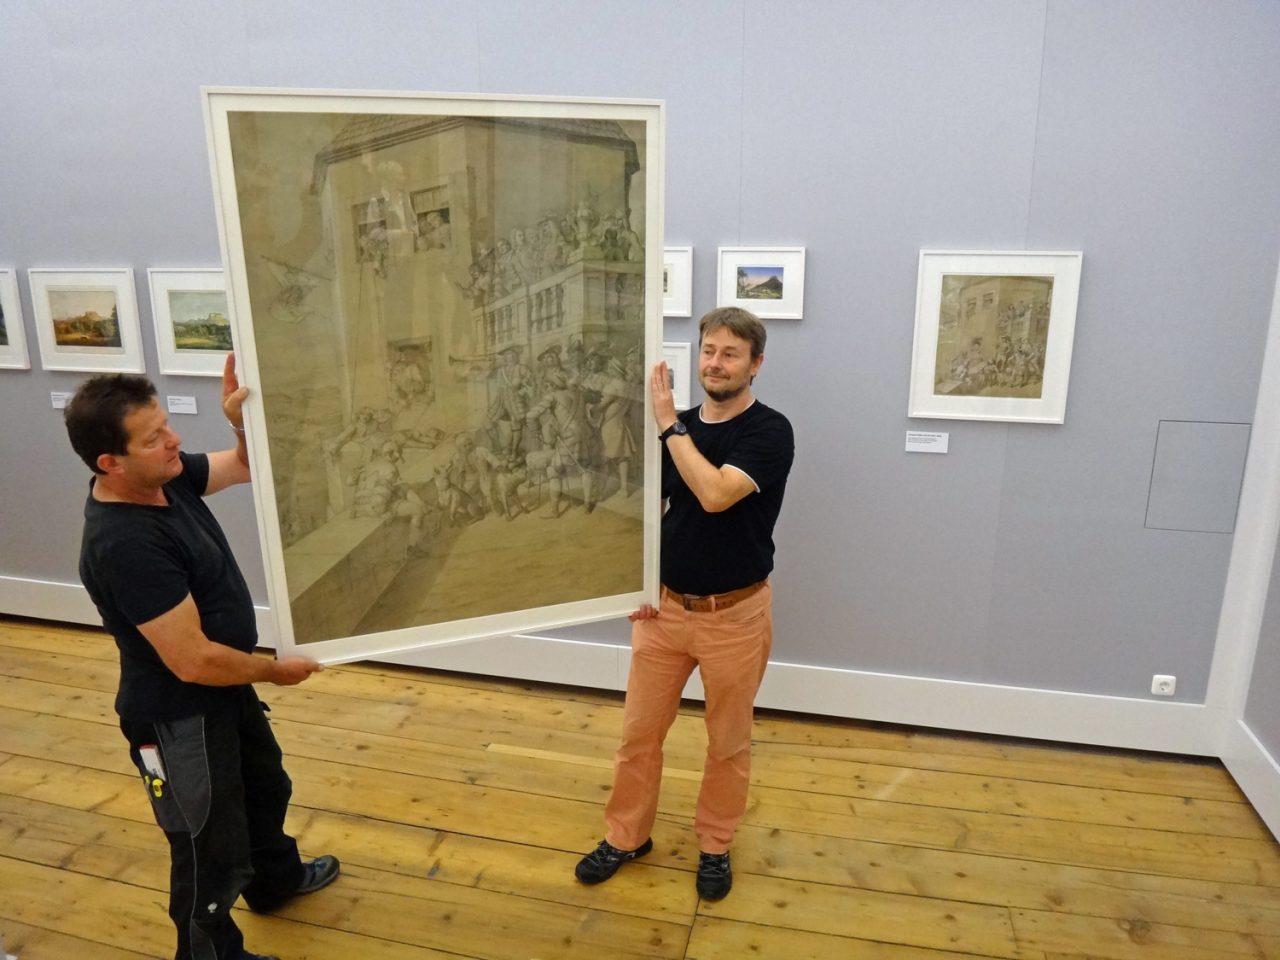 """Vergleich der beiden """"Pagenbett""""-Bilder in der Ausstellung"""